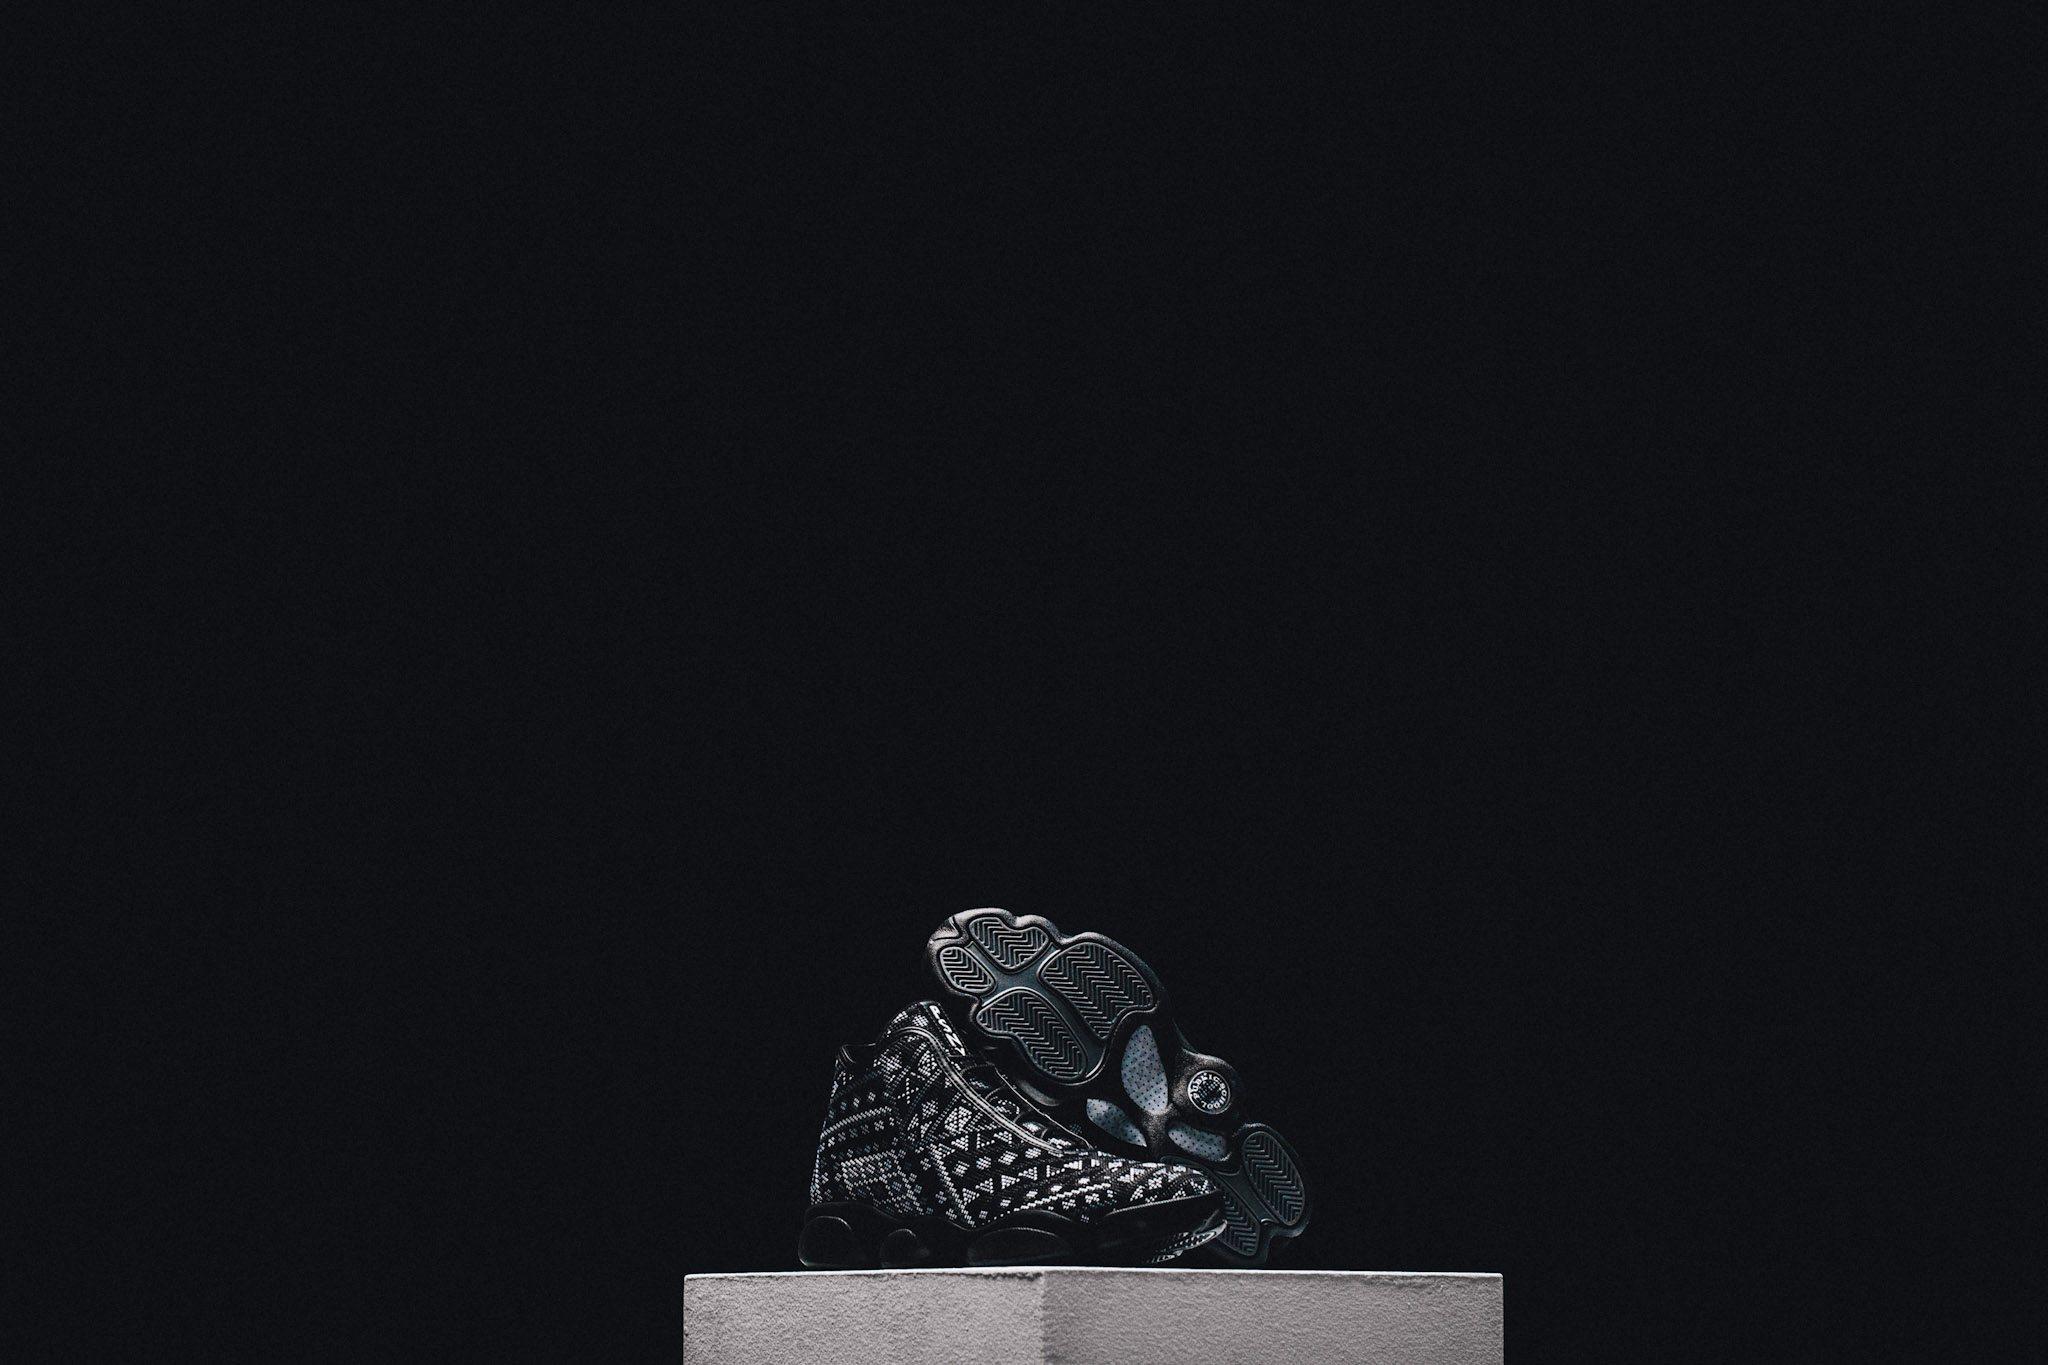 Air Jordan x PSNY 8